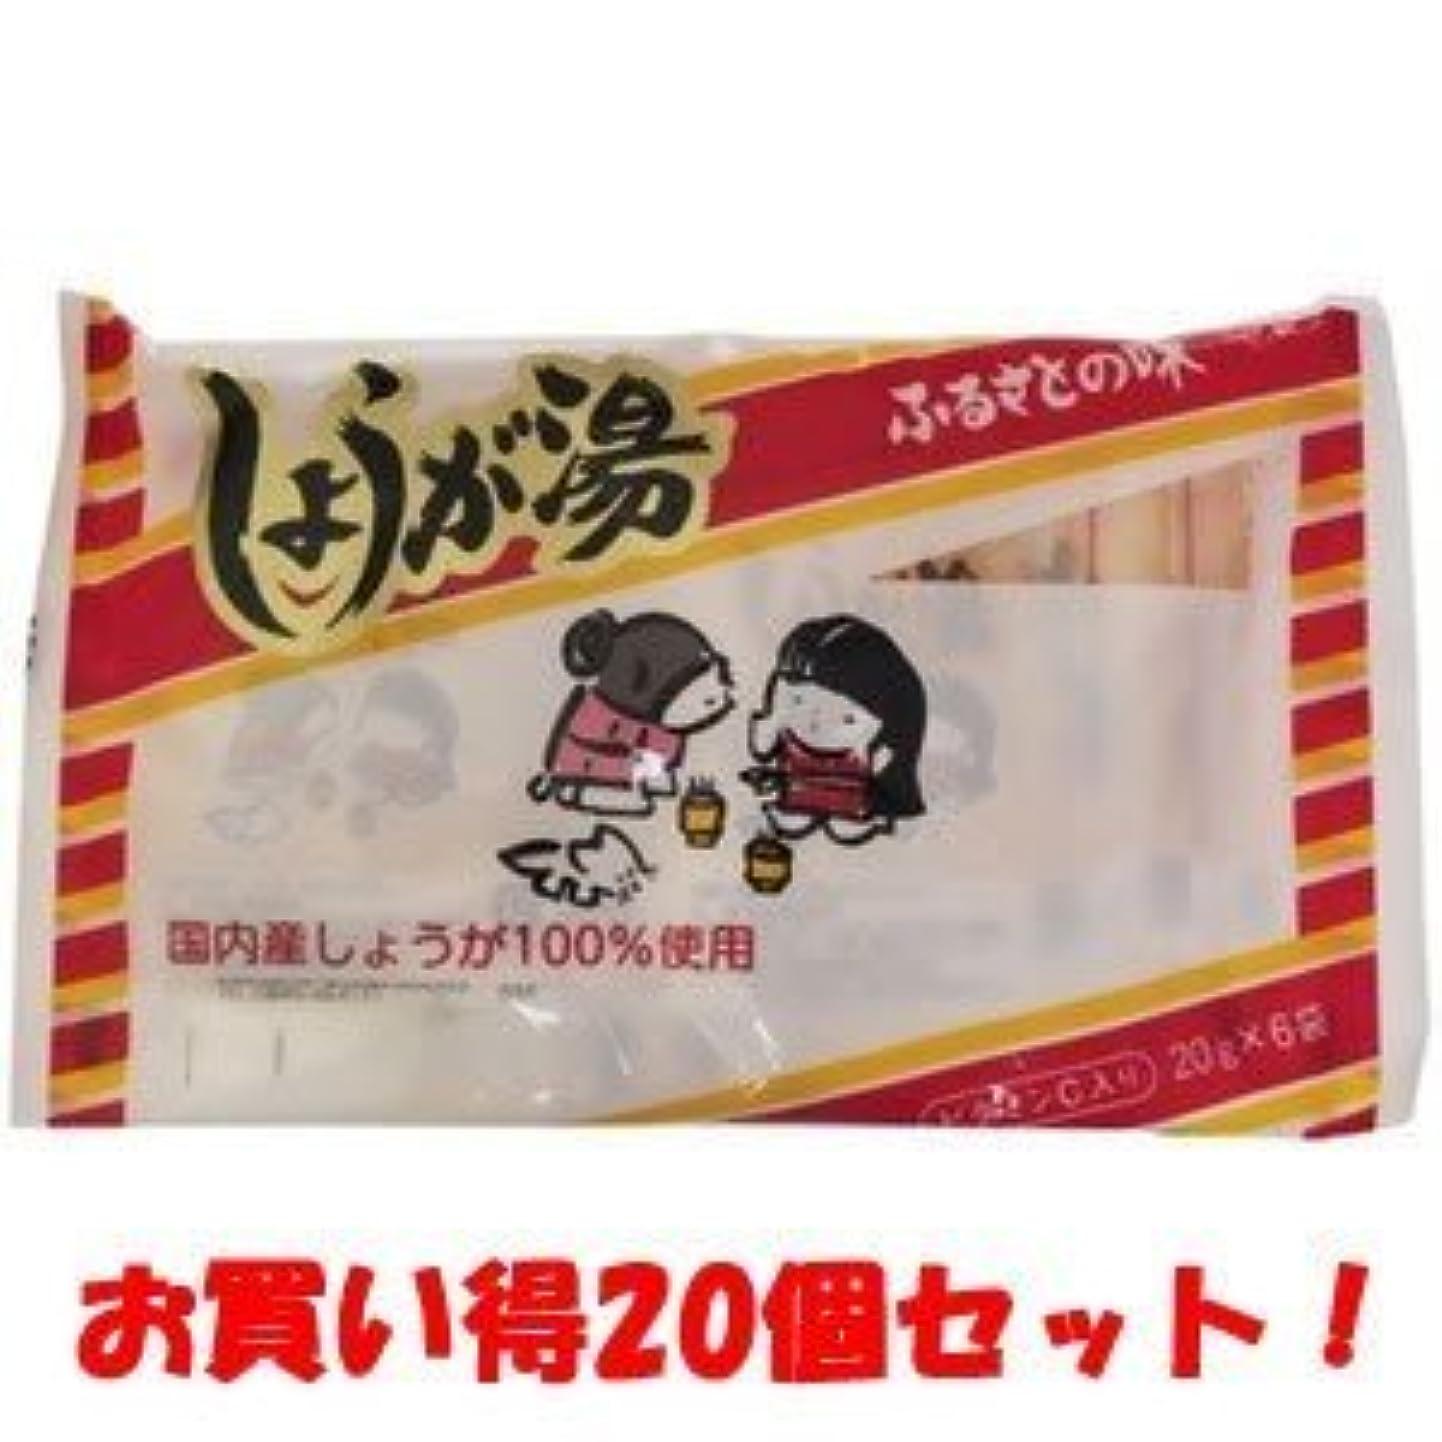 虚弱気分闘争(今岡製菓)しょうが湯 20g×6袋(お買い得20個セット)